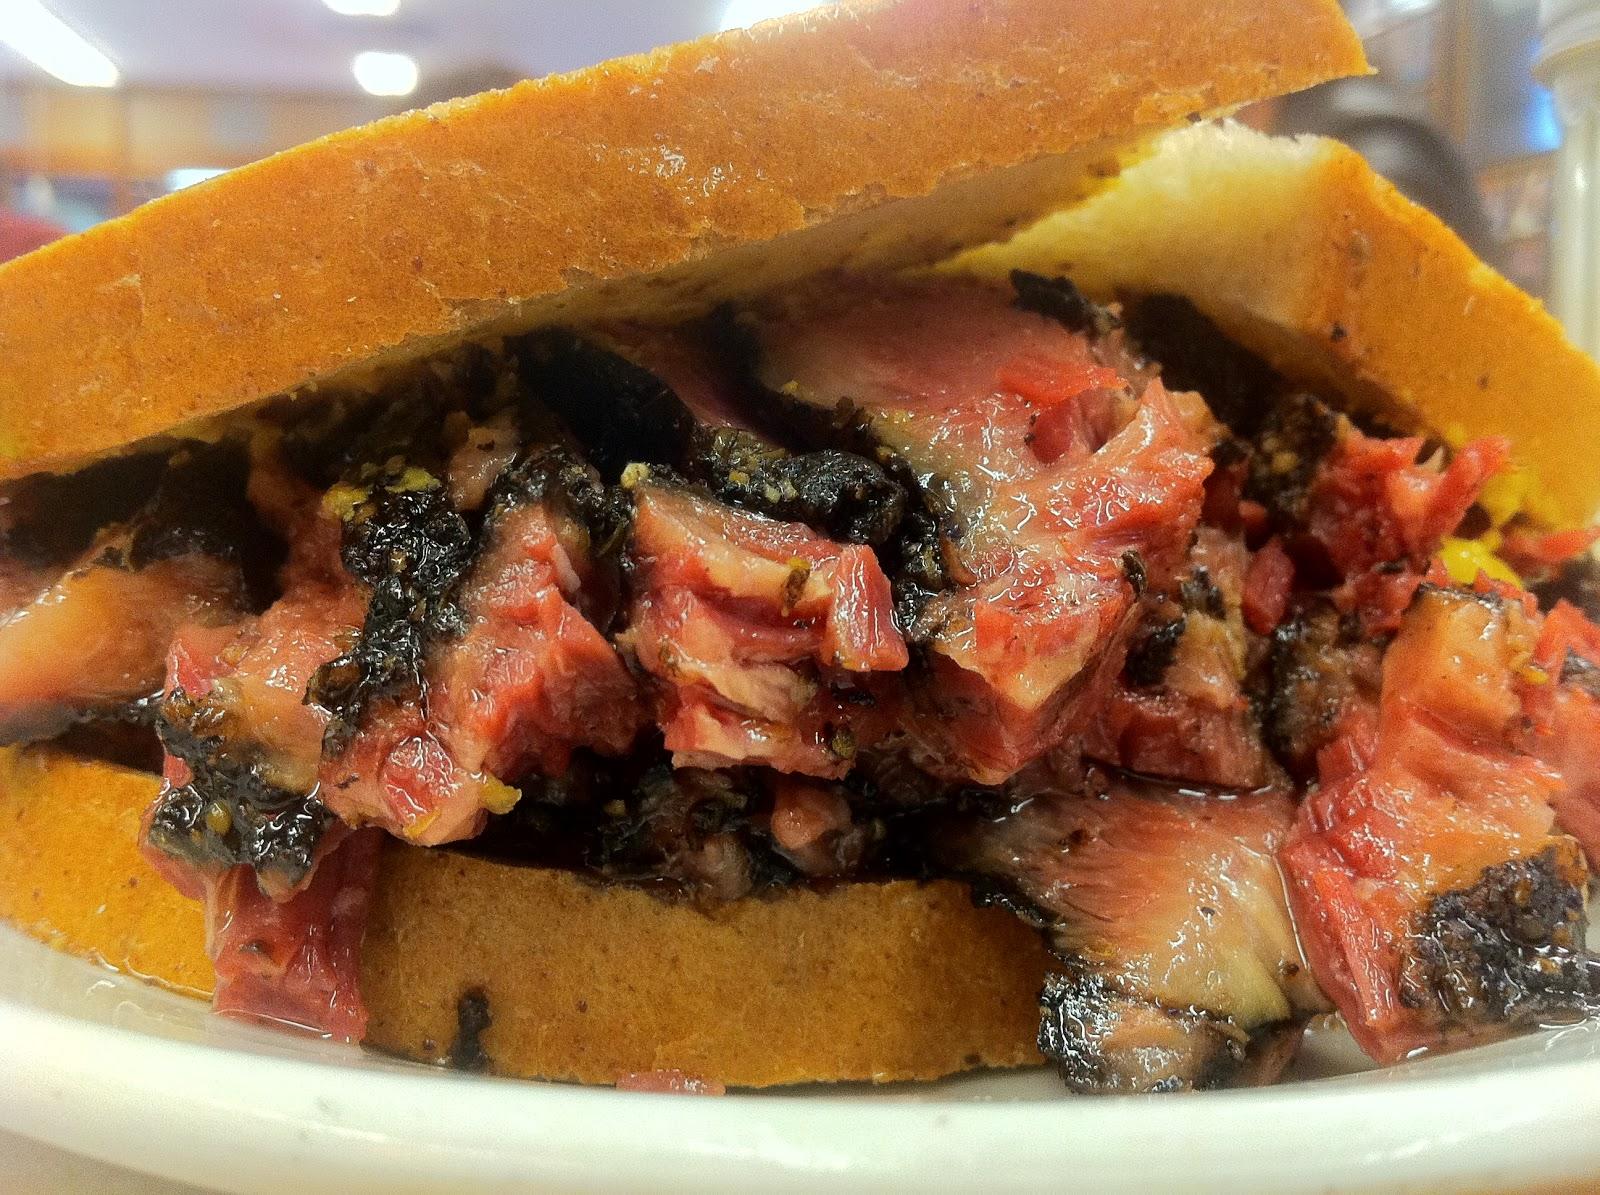 http://4.bp.blogspot.com/-Pr6dRW-Qnbc/TtE-GjAHBhI/AAAAAAAADtA/T-wef2lggxM/s1600/Katzs+Deli+Pastrami+on+Rye.JPG